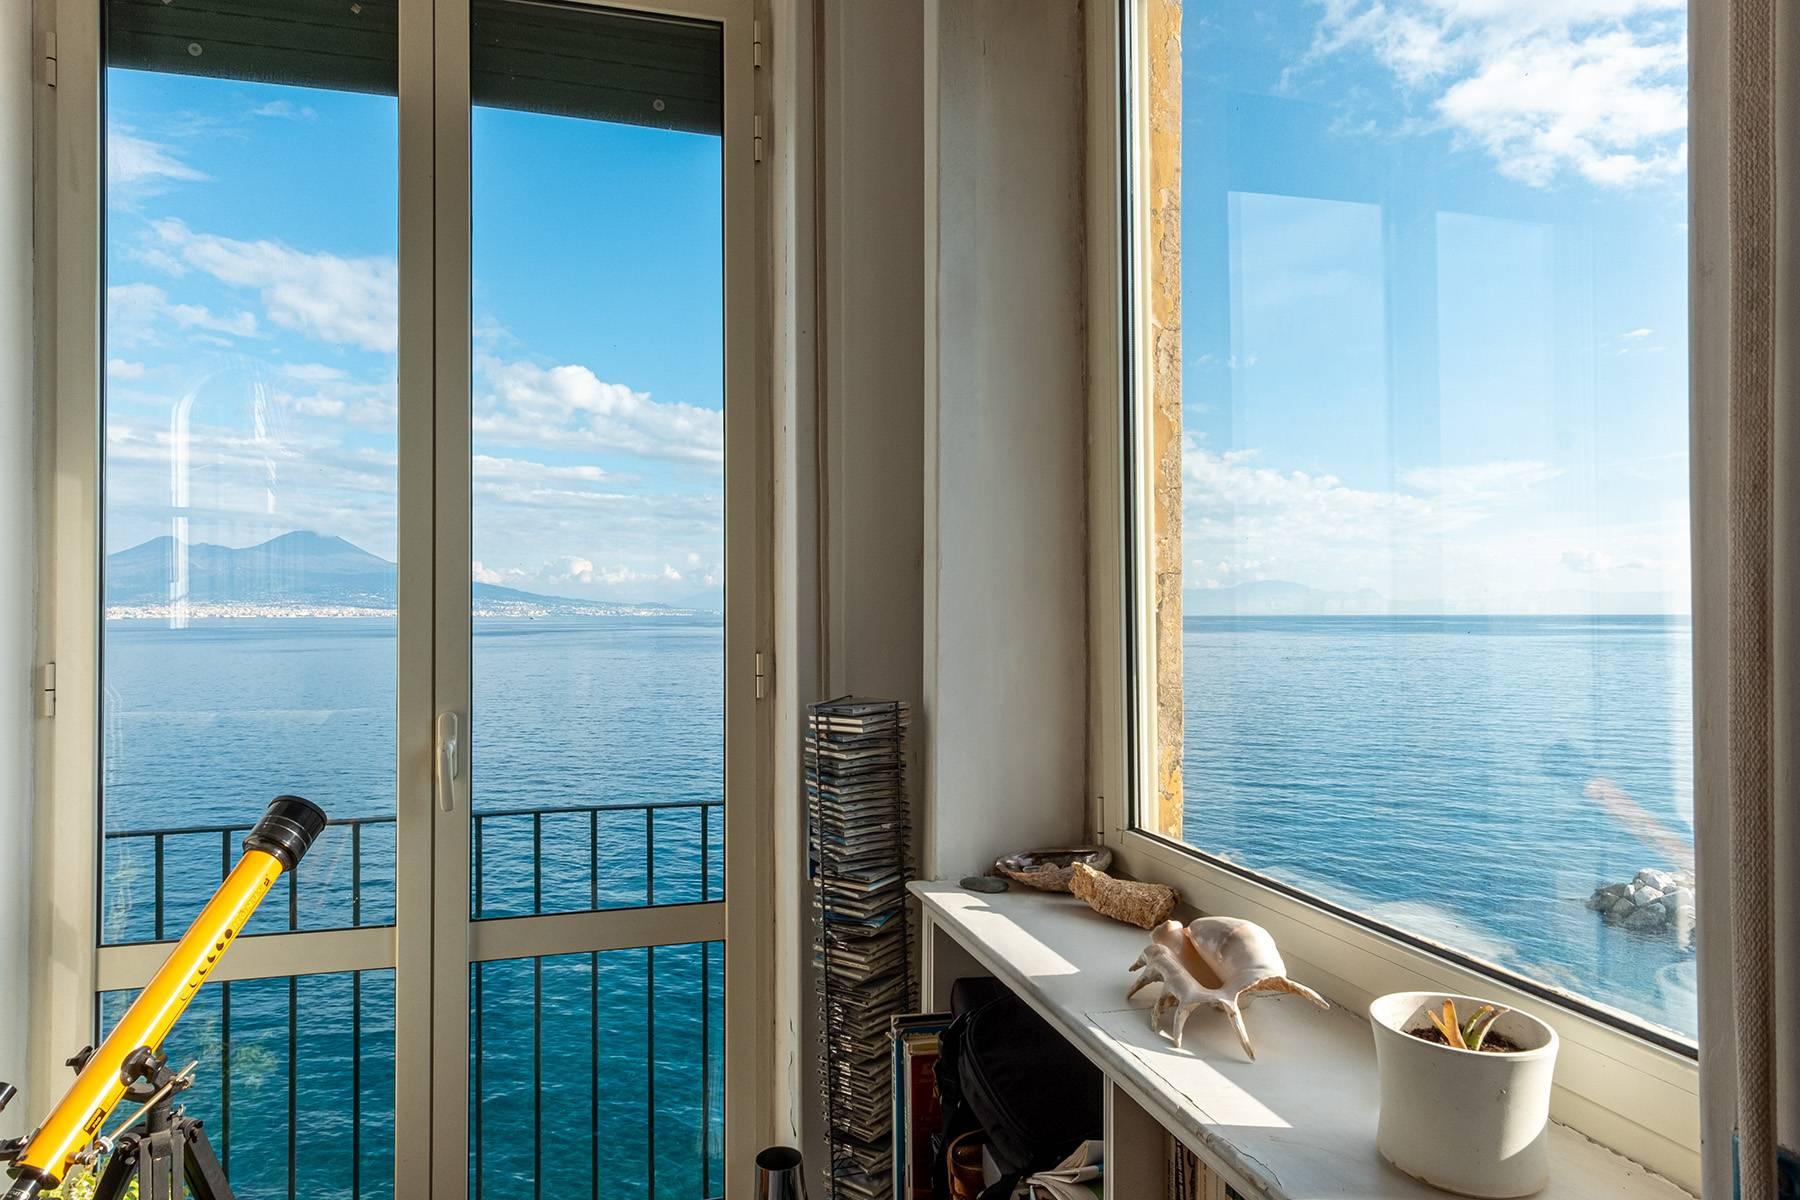 Первая линия моря! Потрясающие апартаменты в старинной вилле в Неаполе, Италия - 22